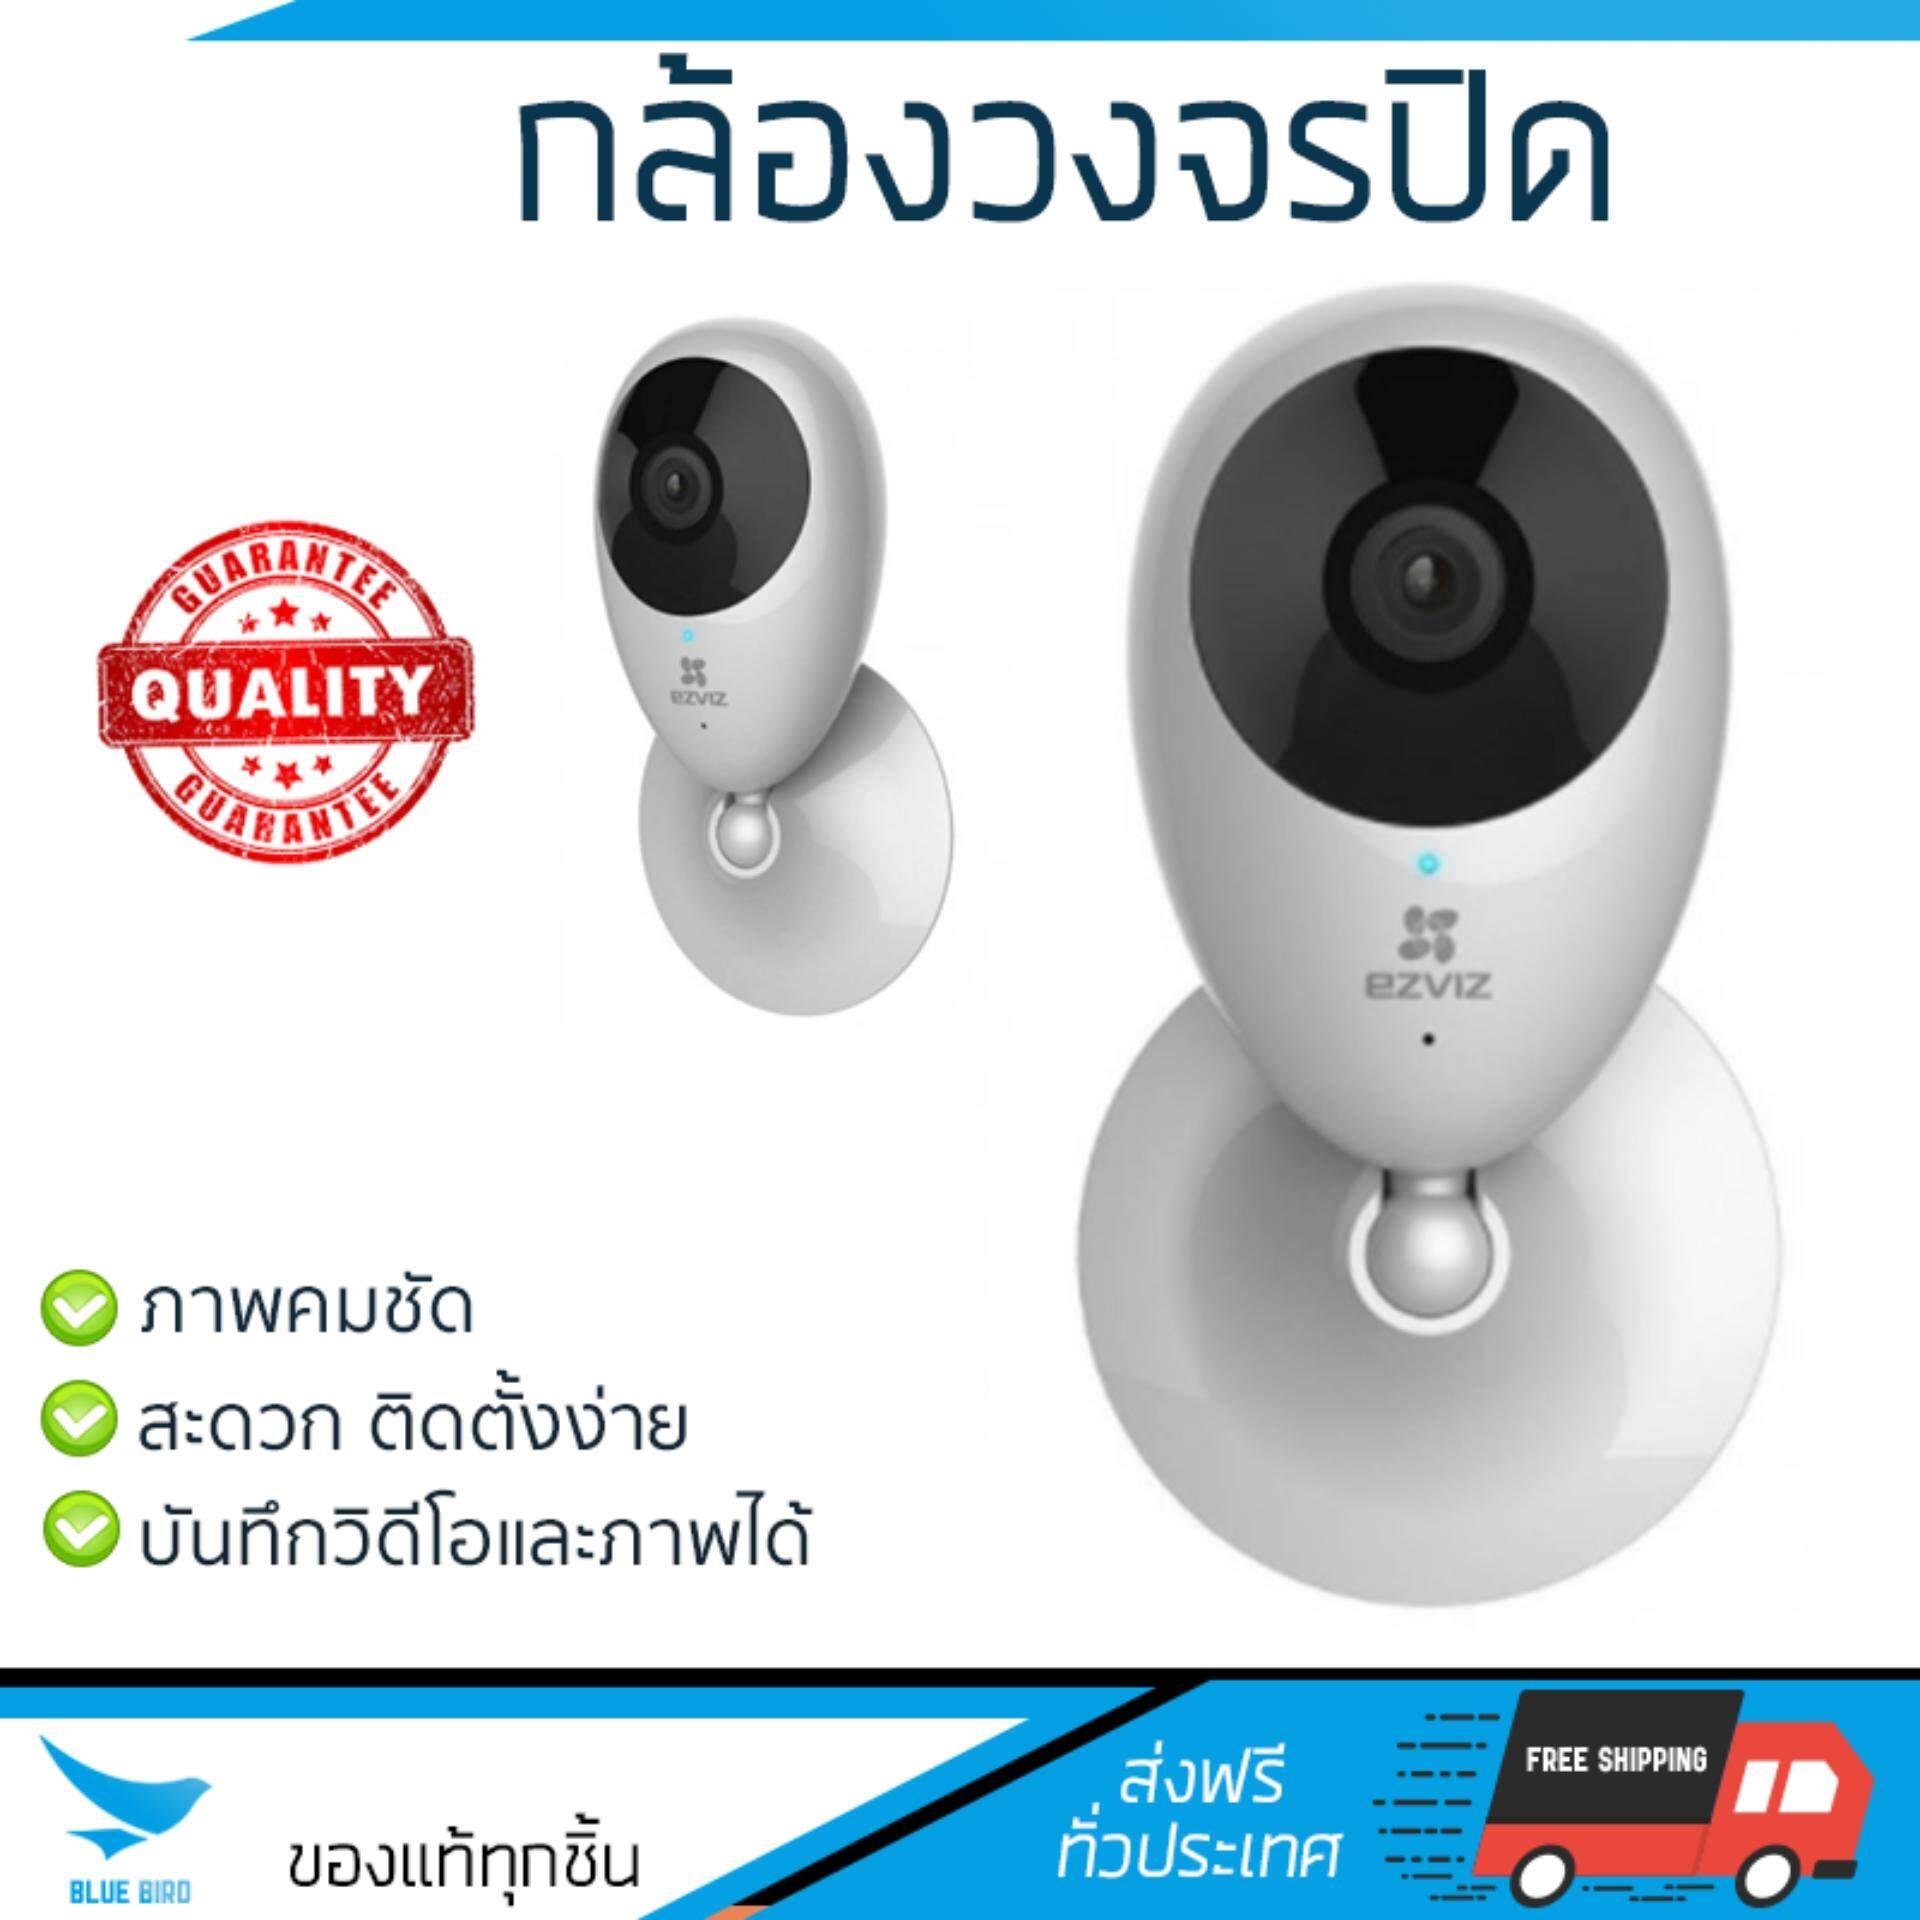 เก็บเงินปลายทางได้ โปรโมชัน กล้องวงจรปิด           EZVIZ กล้องวงจรปิด (สีขาว) รุ่น Mini O C2C             ภาพคมชัด ปรับมุมมองได้ กล้อง IP Camera รับประกันสินค้า 1 ปี จัดส่งฟรี Kerry ทั่วประเทศ